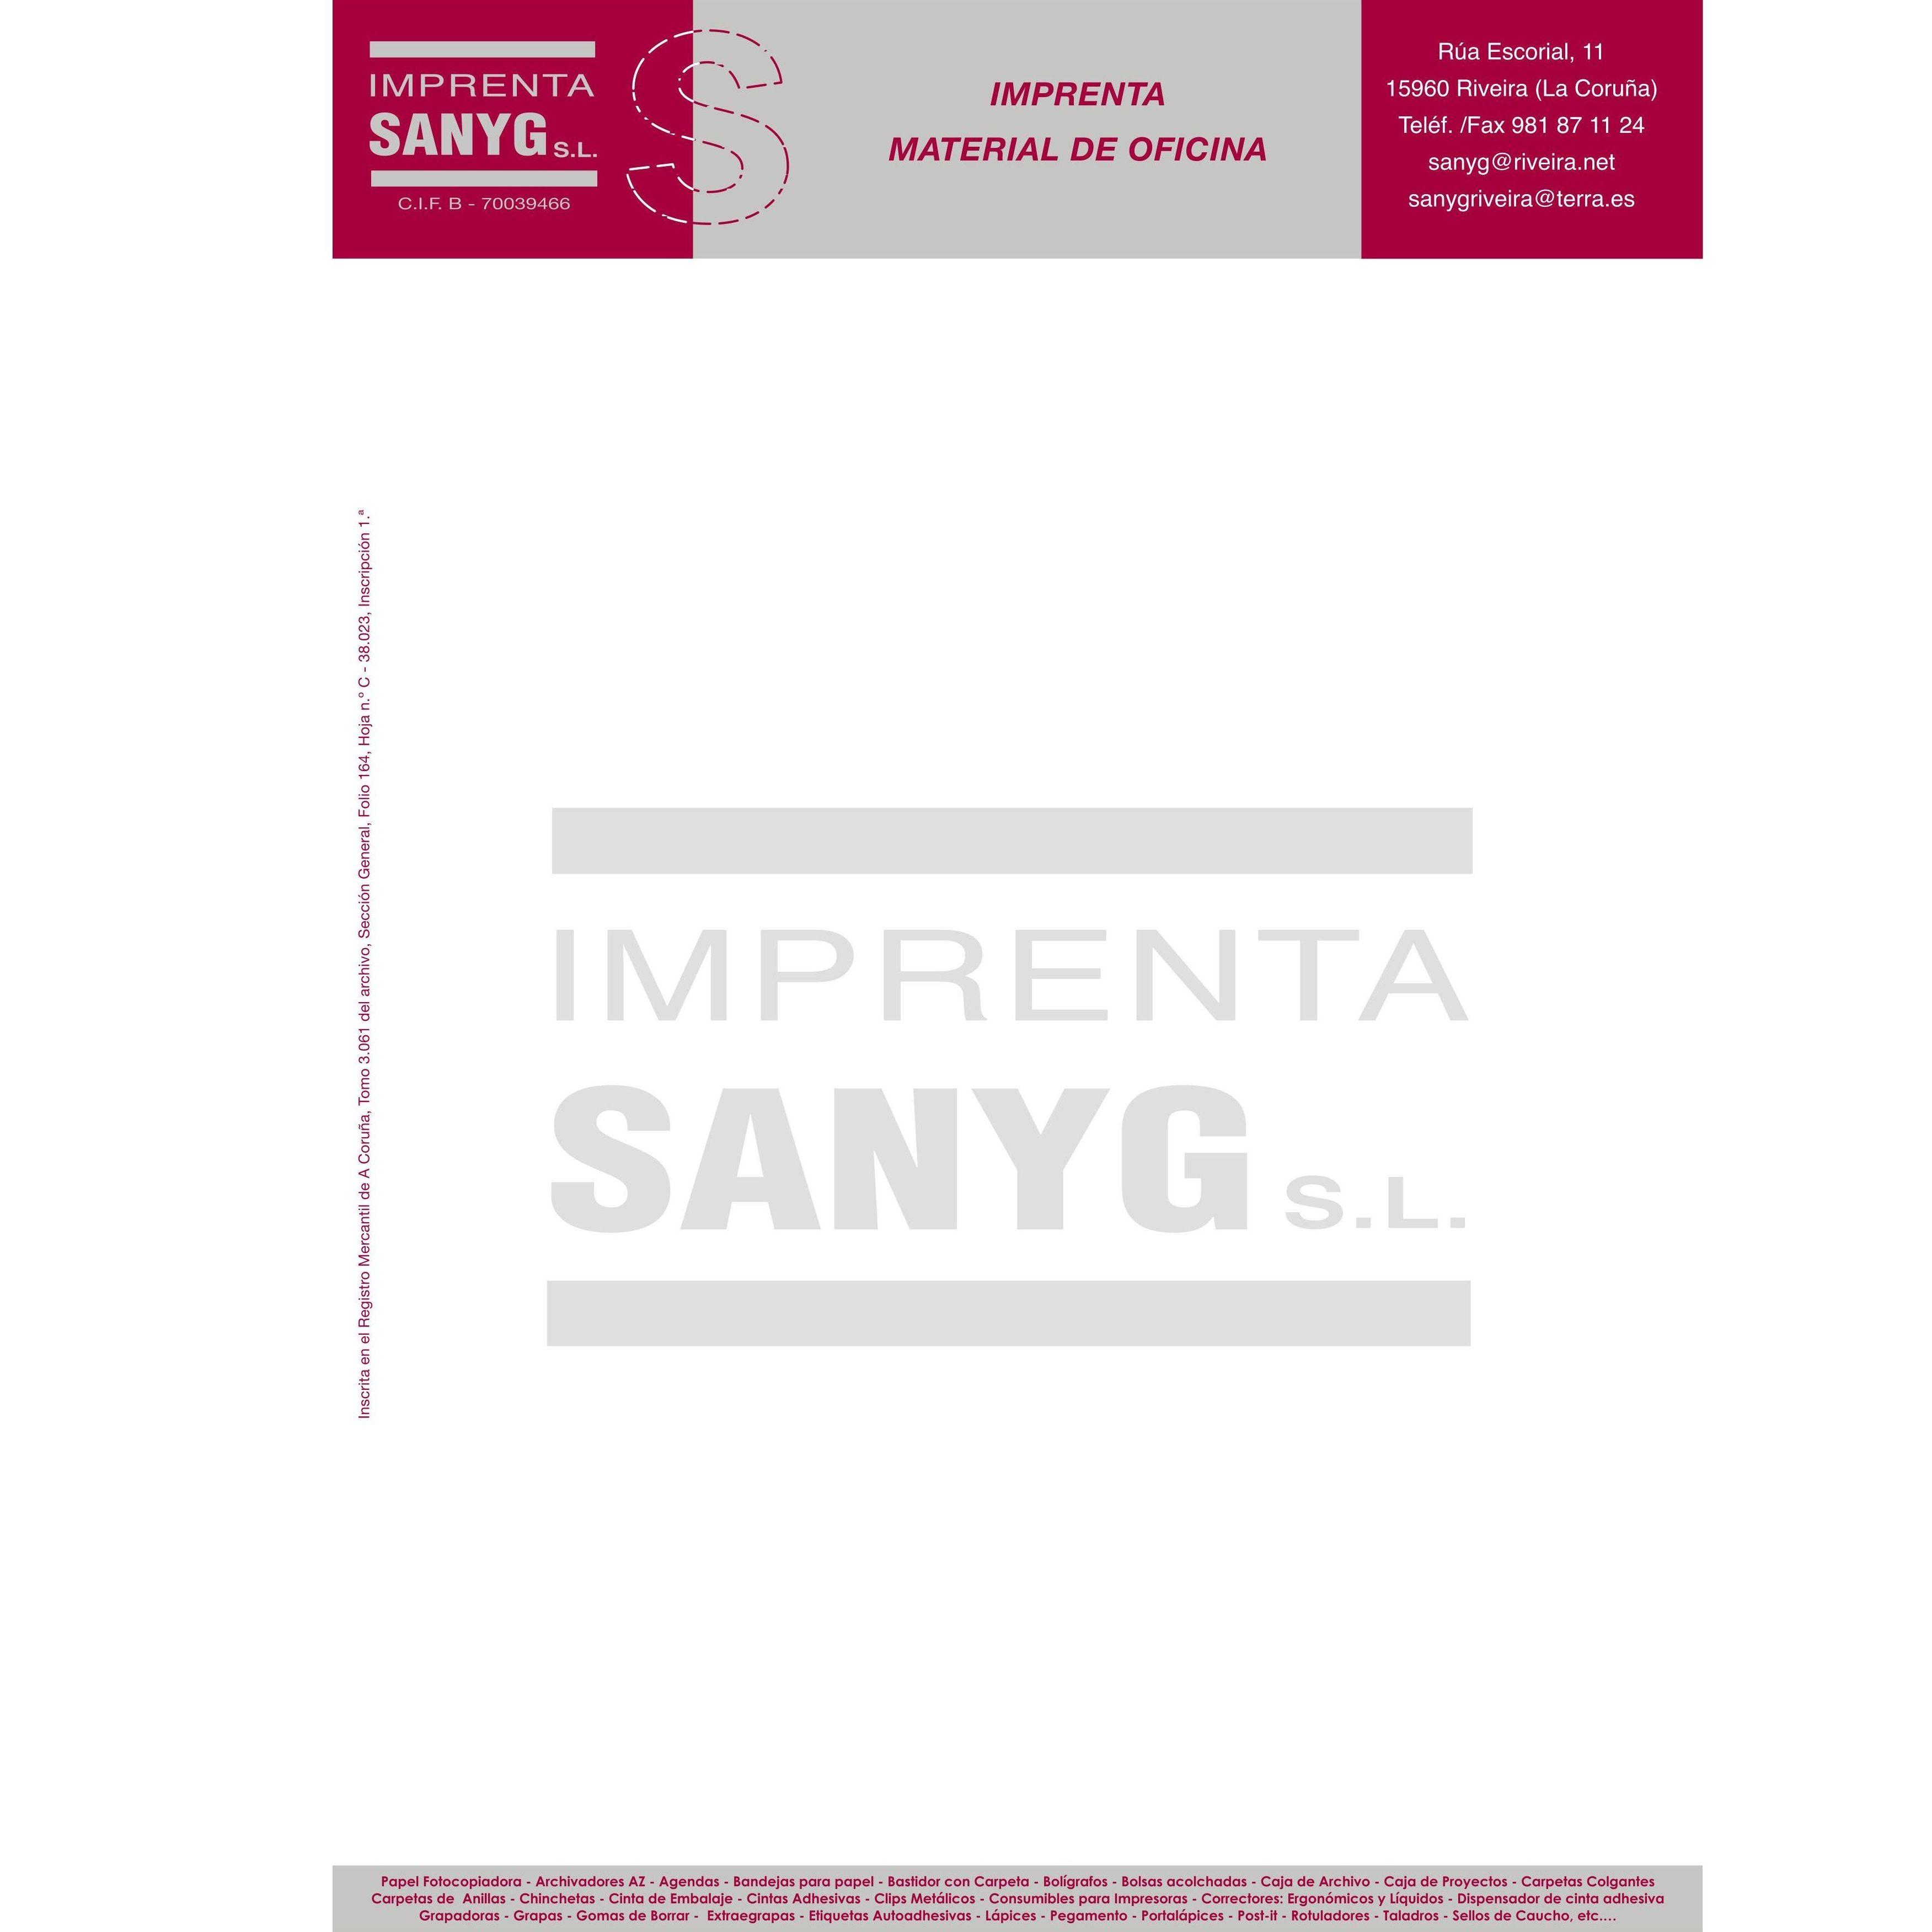 Artes gr ficas material de oficina de imprenta sanyg - Material de oficina vigo ...